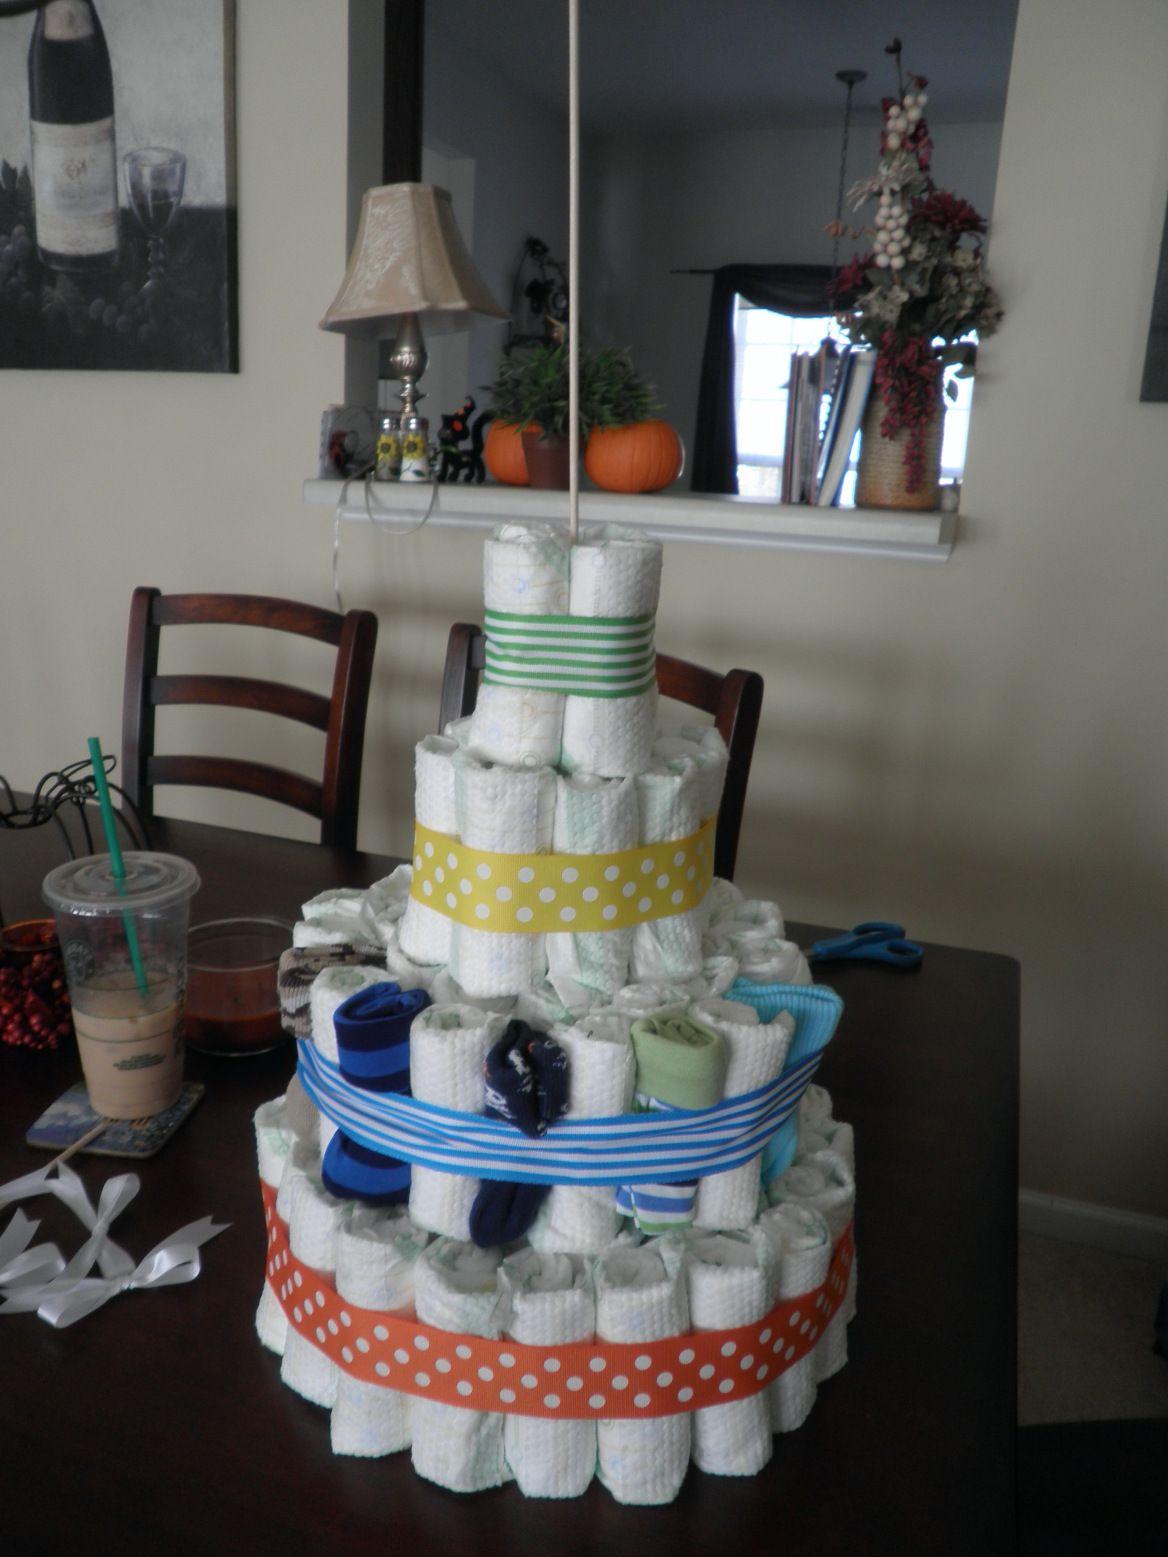 DIY Diaper Cake (With images) Diaper cake, Diy diaper